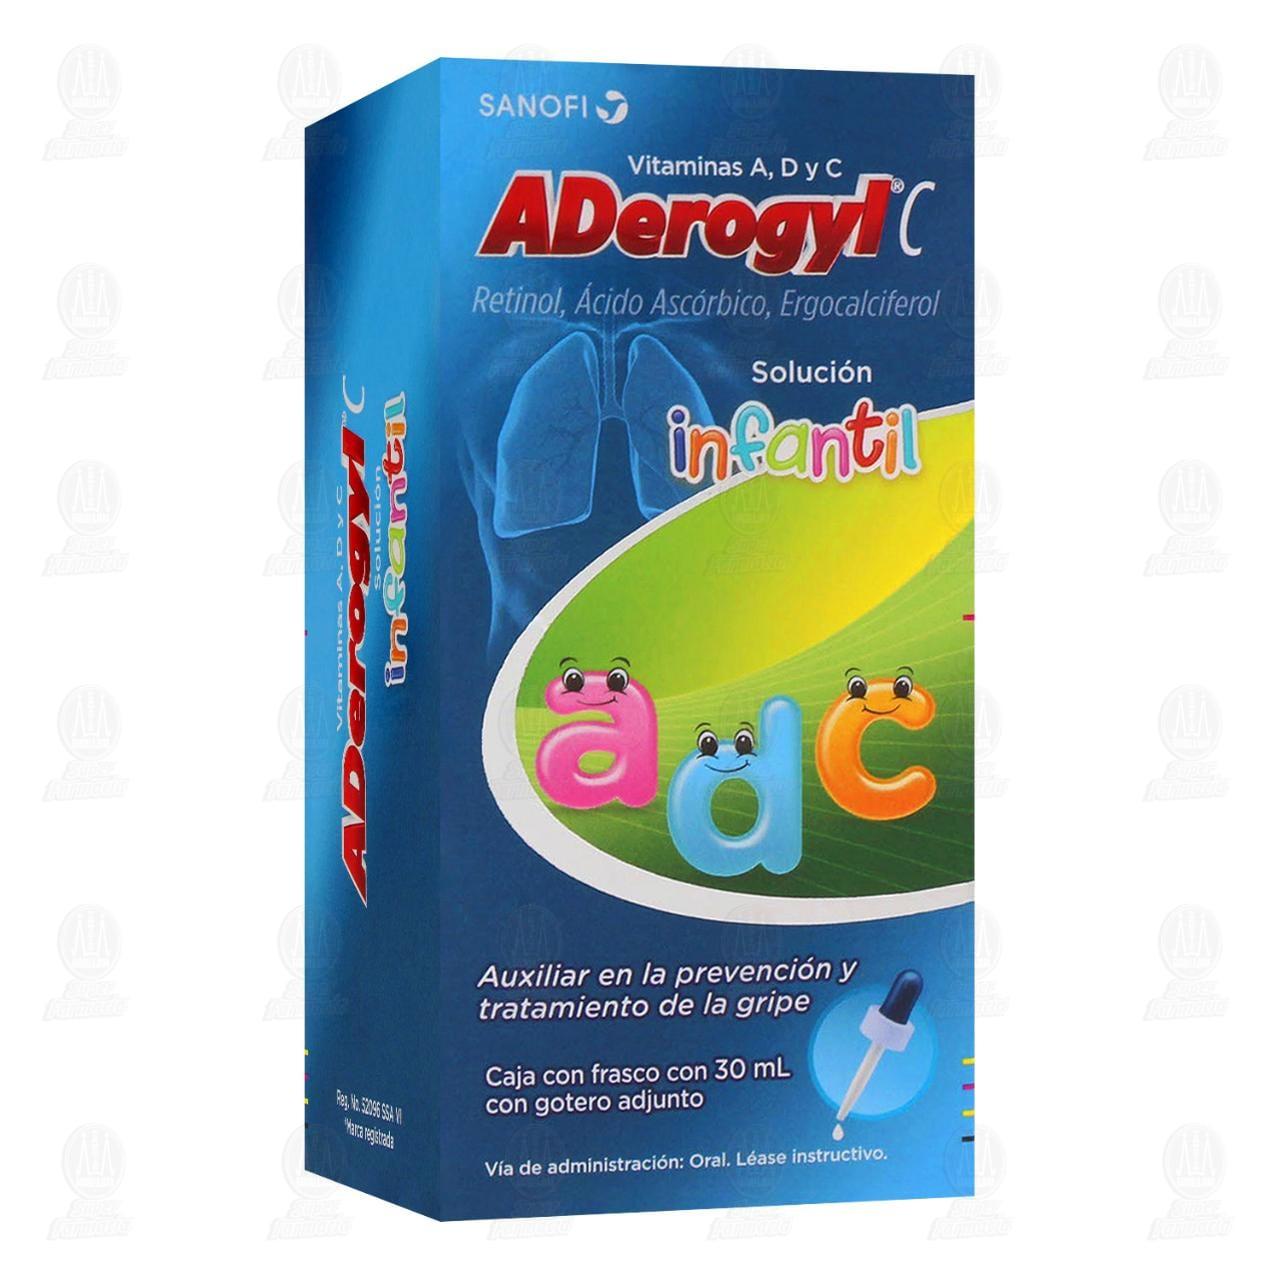 Aderogyl C Prevención de la Gripa Suspensión Infantil 30ml